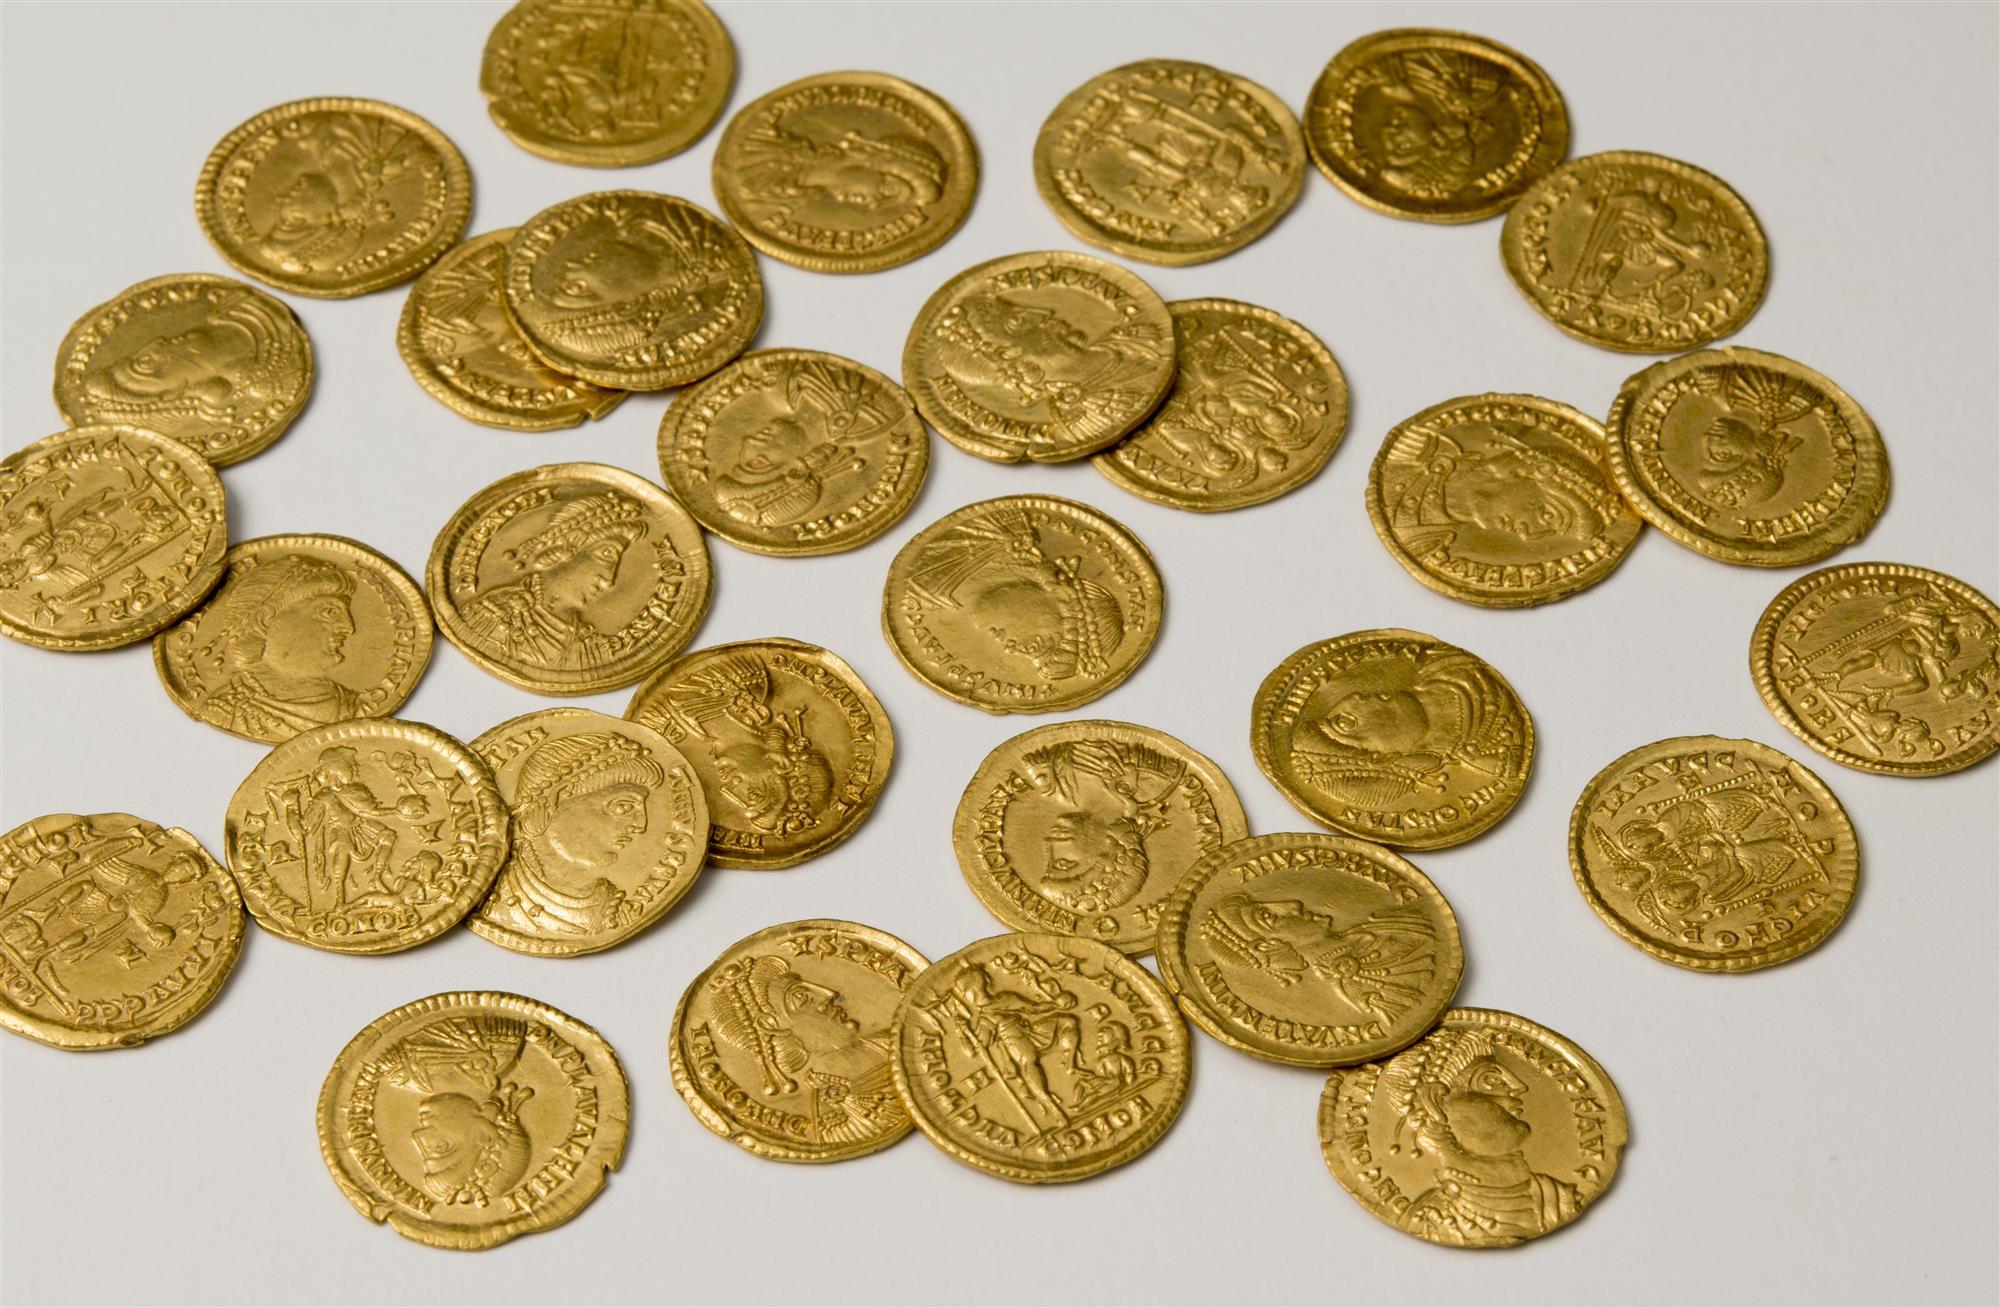 Descubierto un tesoro de finales del Imperio romano en los Países Bajos